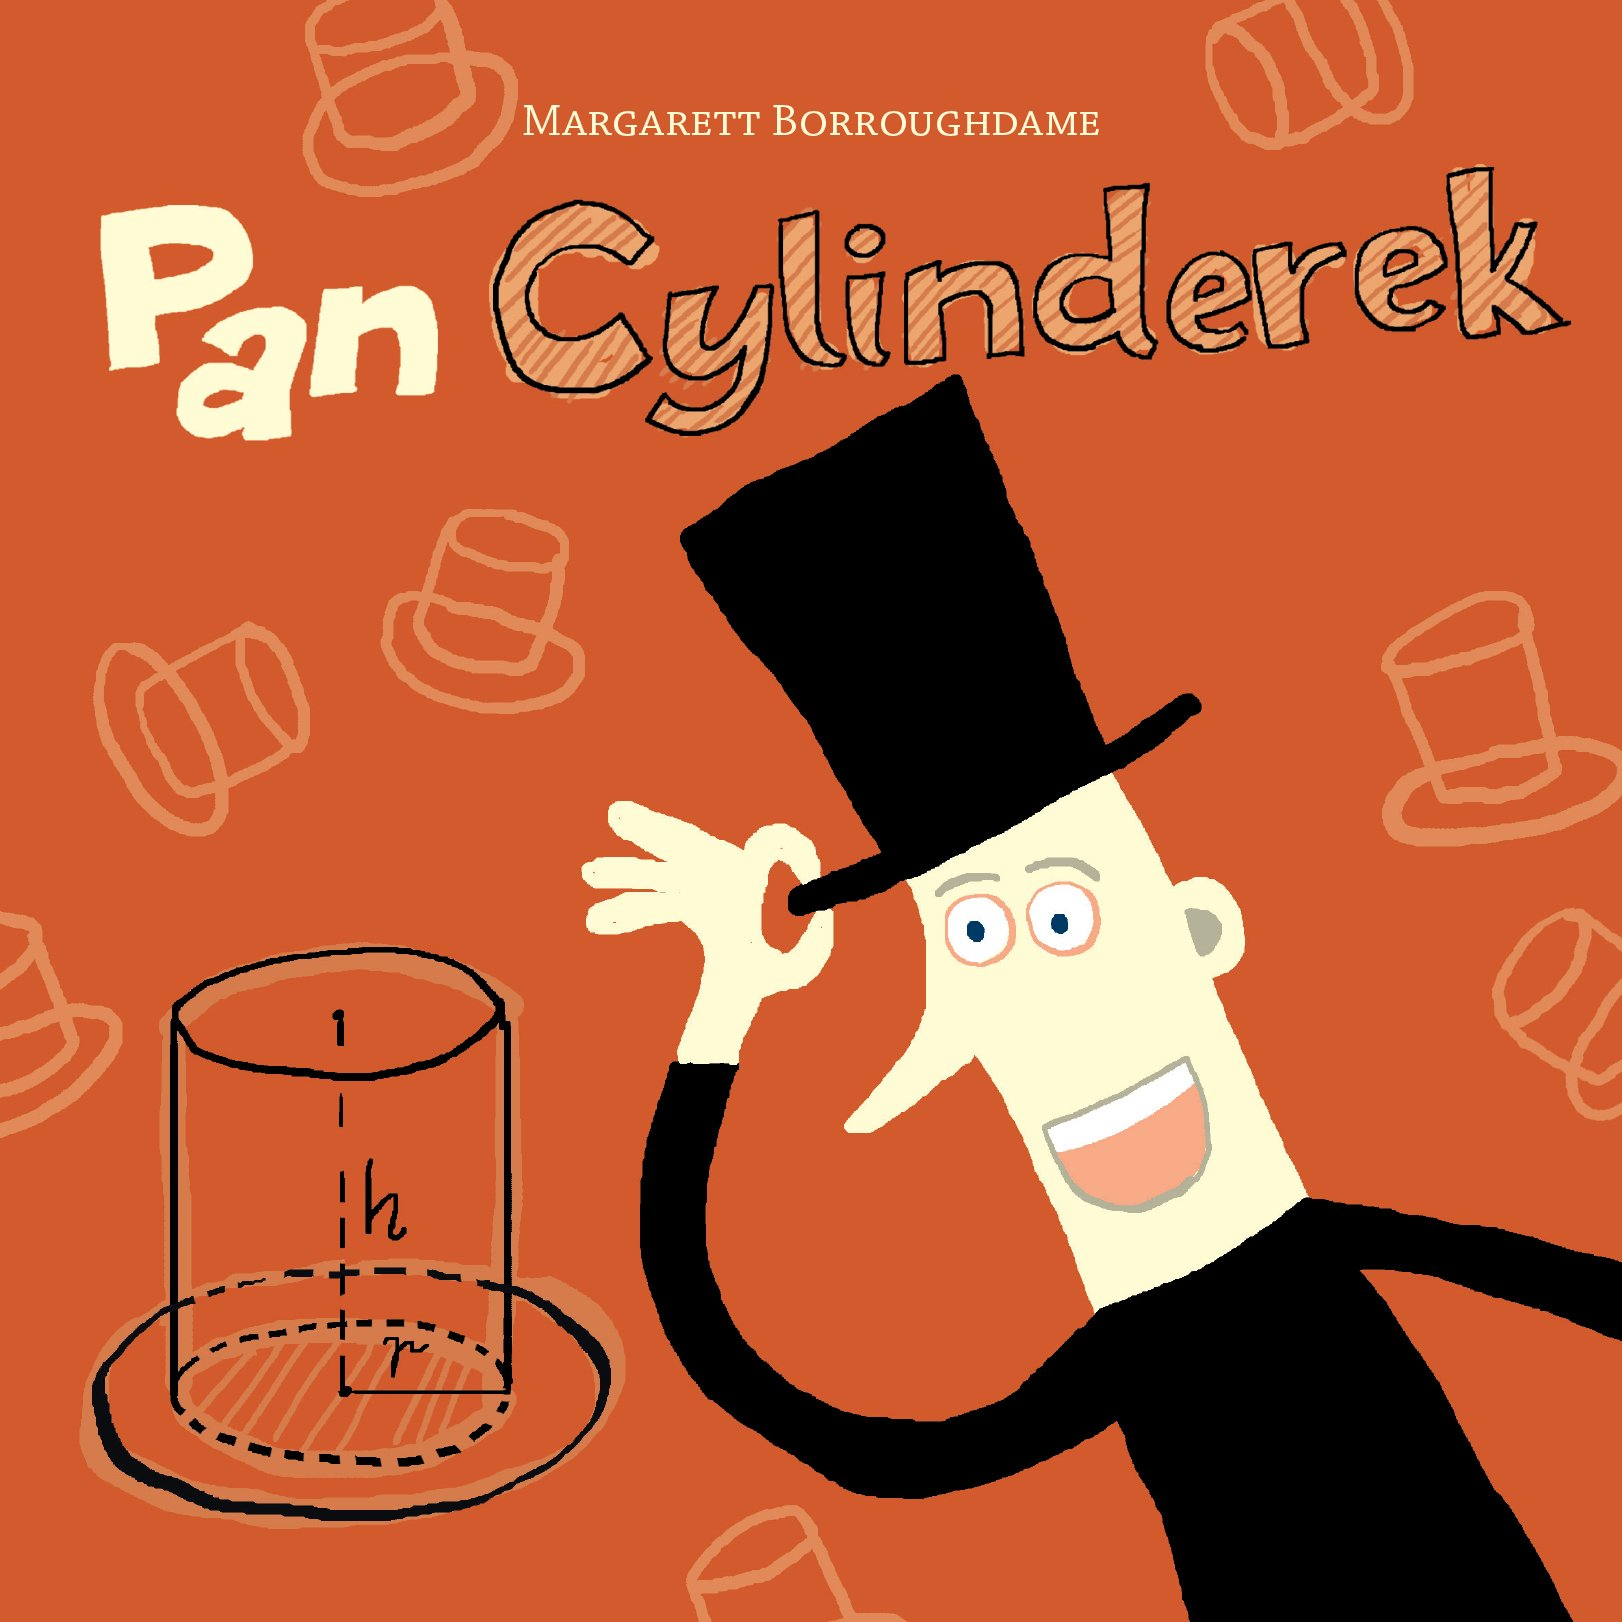 Pan Cylinderek okładka książki dla dzieci